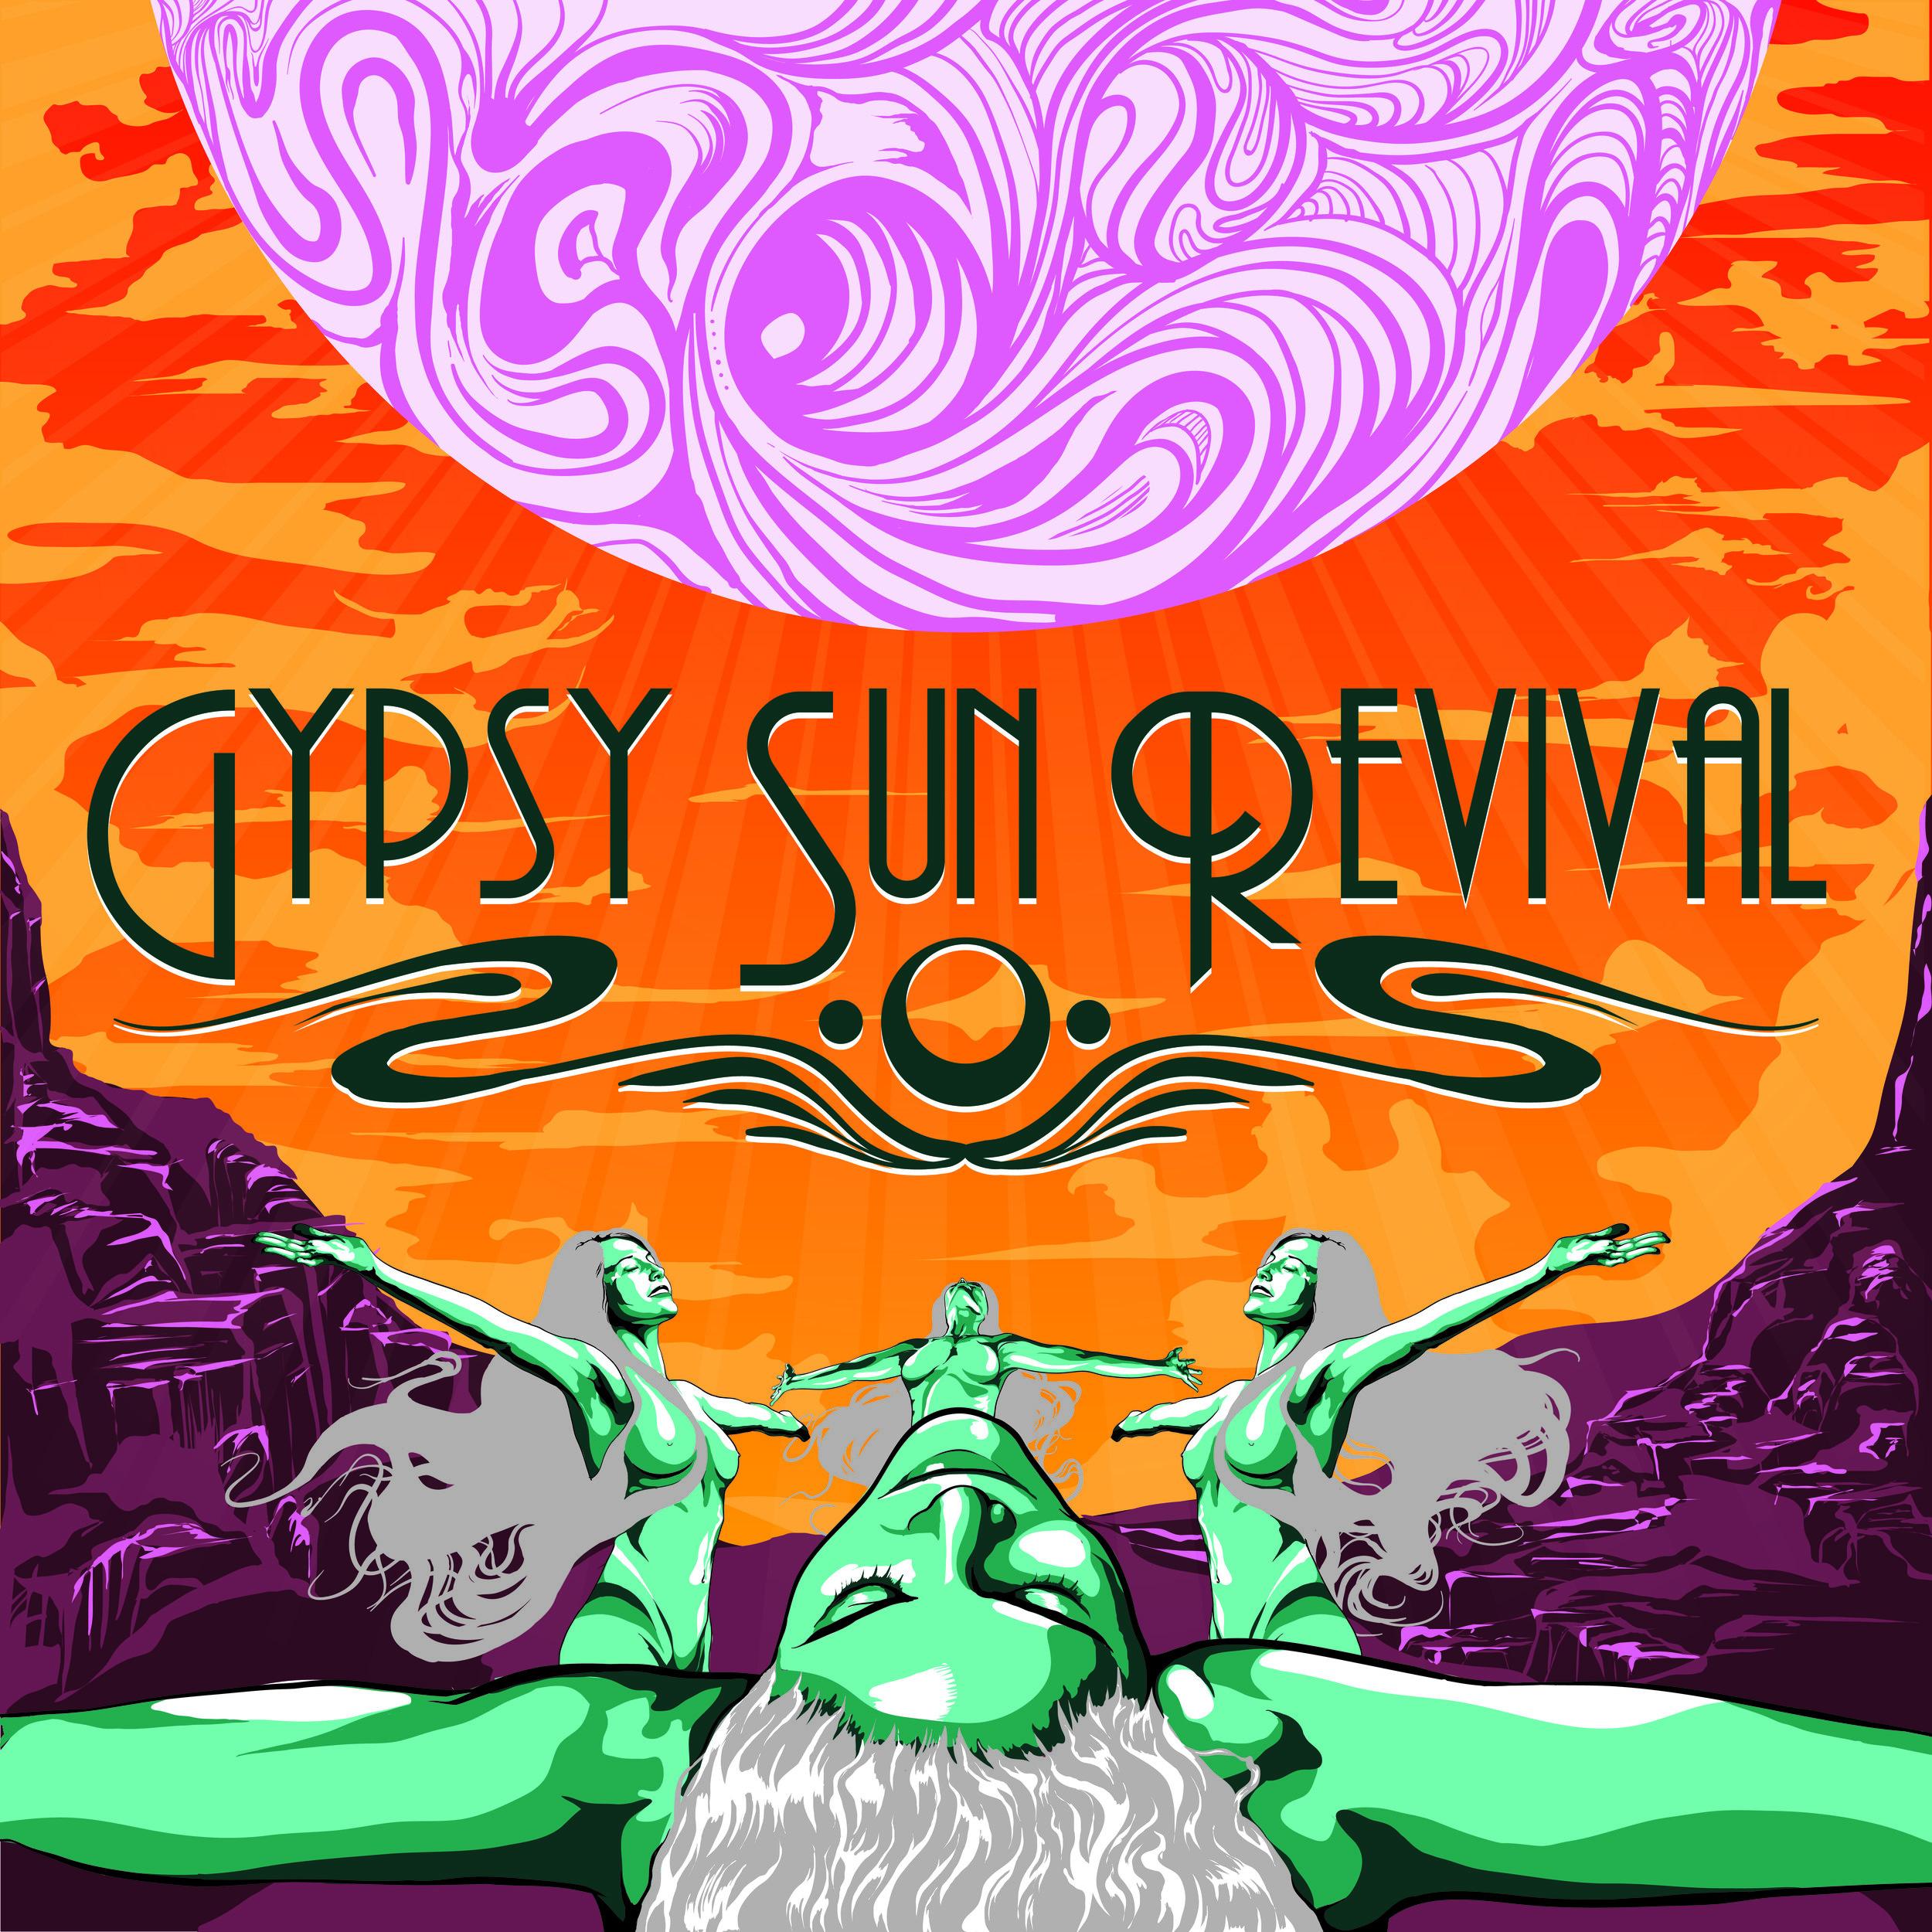 50 Sun Revival Cover-01.jpg